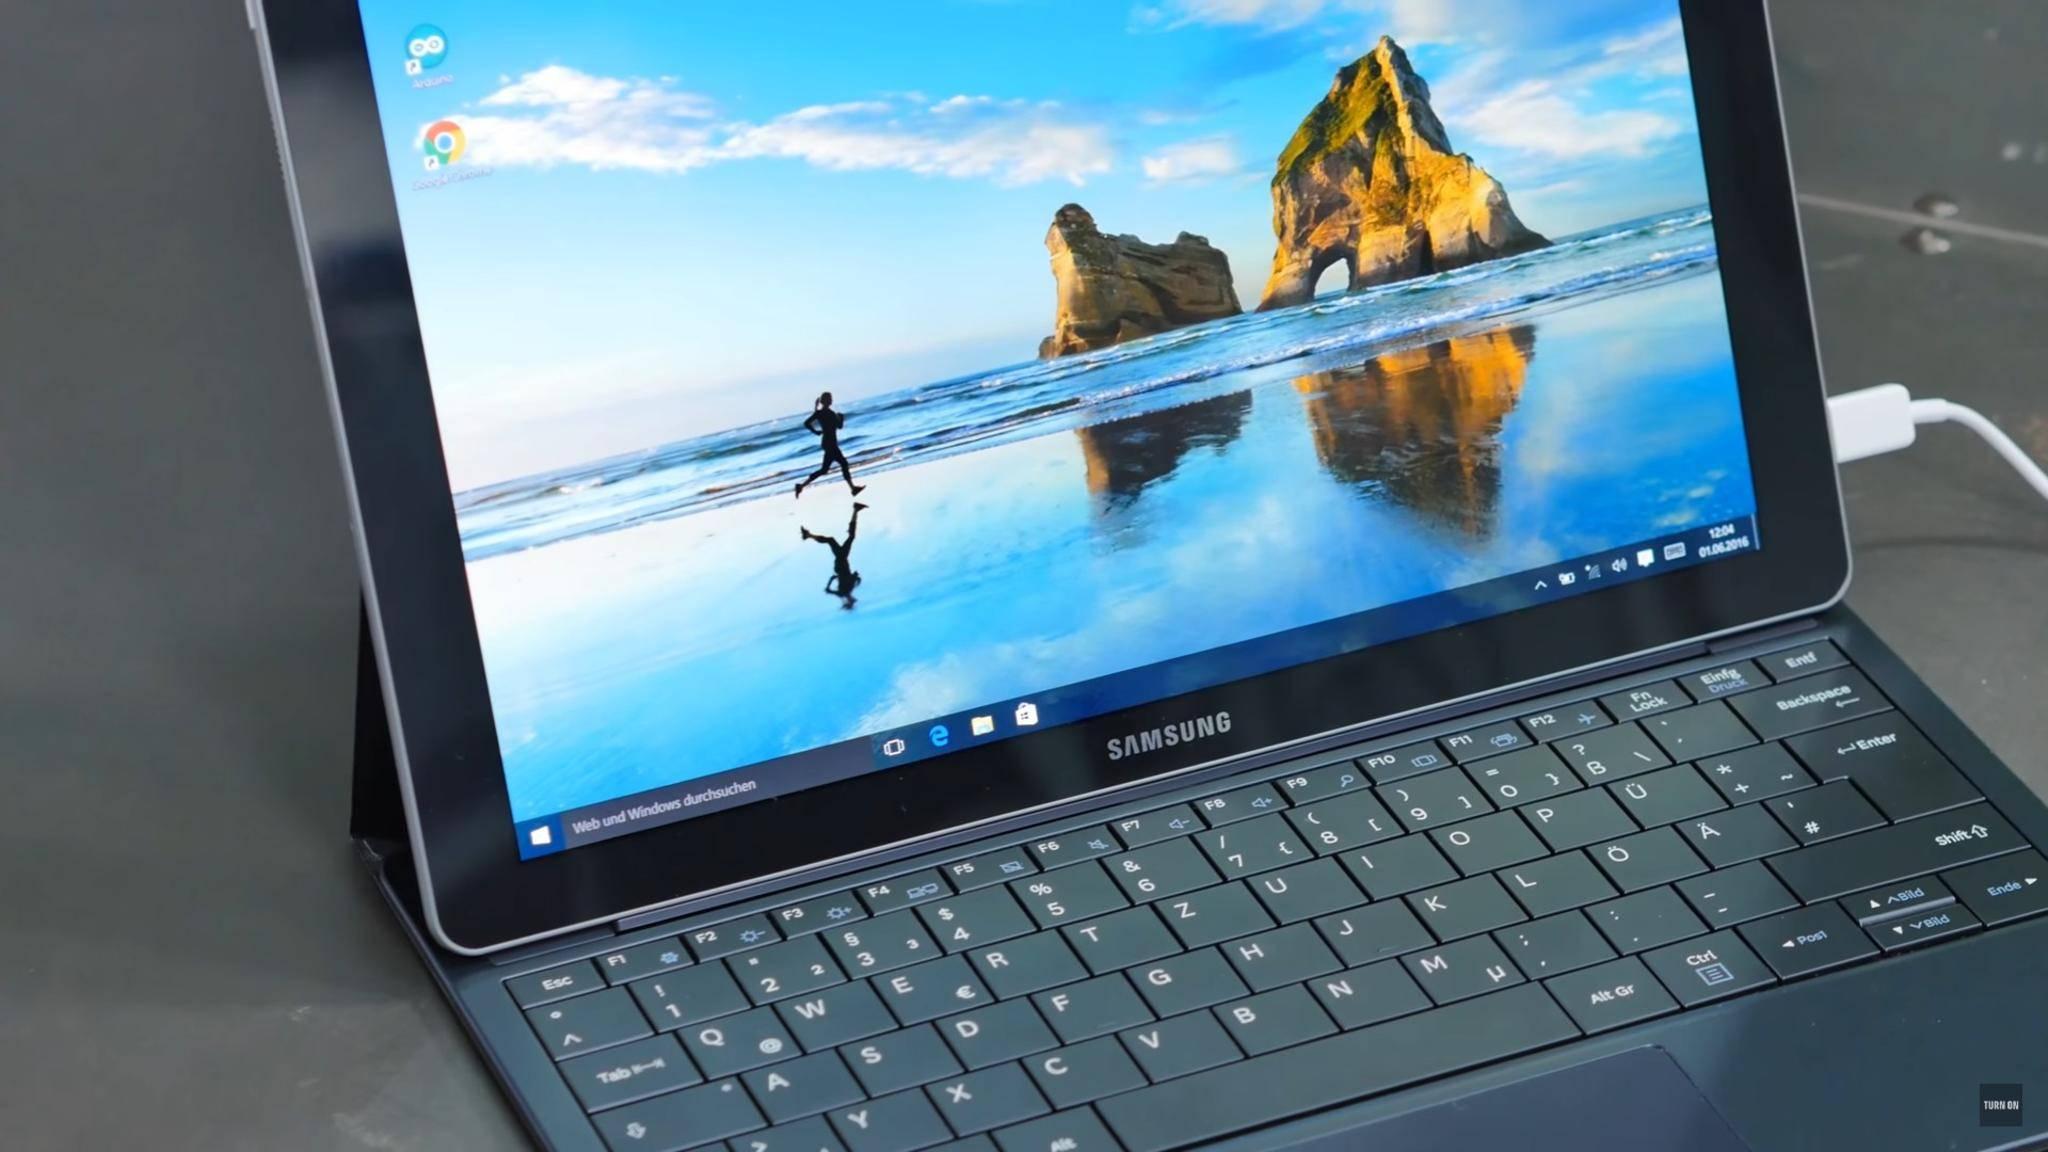 TURN ON Windows 10 Tablet